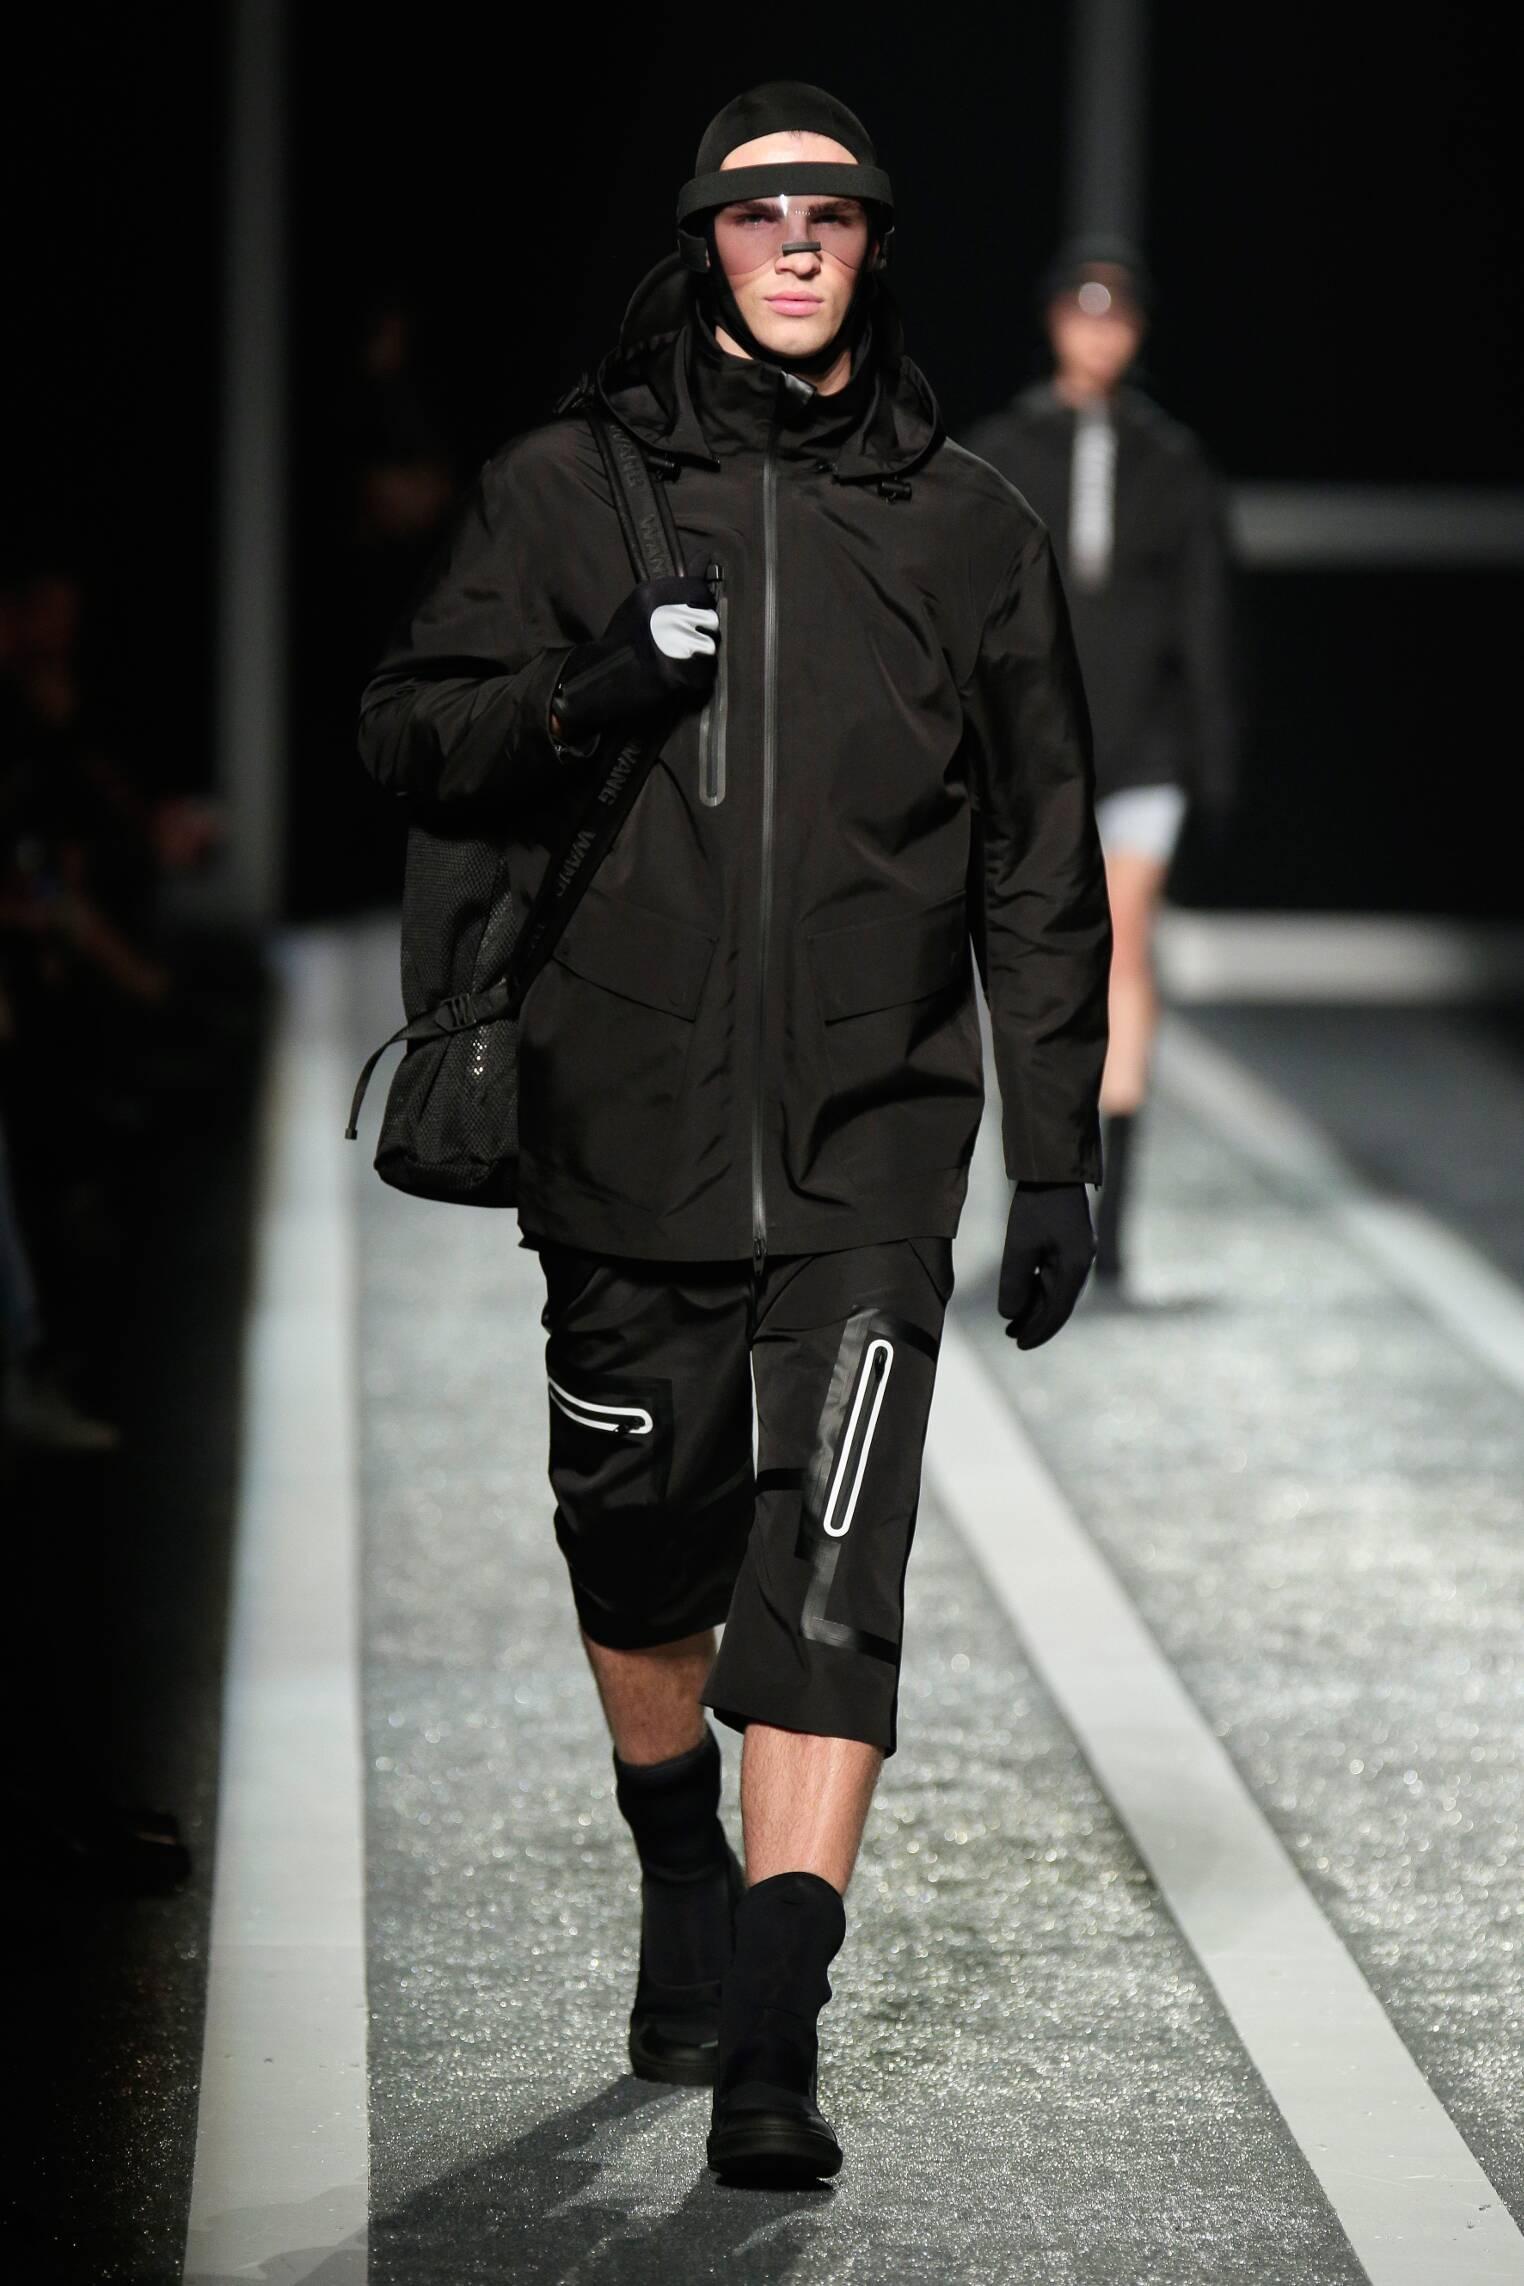 Catwalk Alexander Wang for H&M Menswear